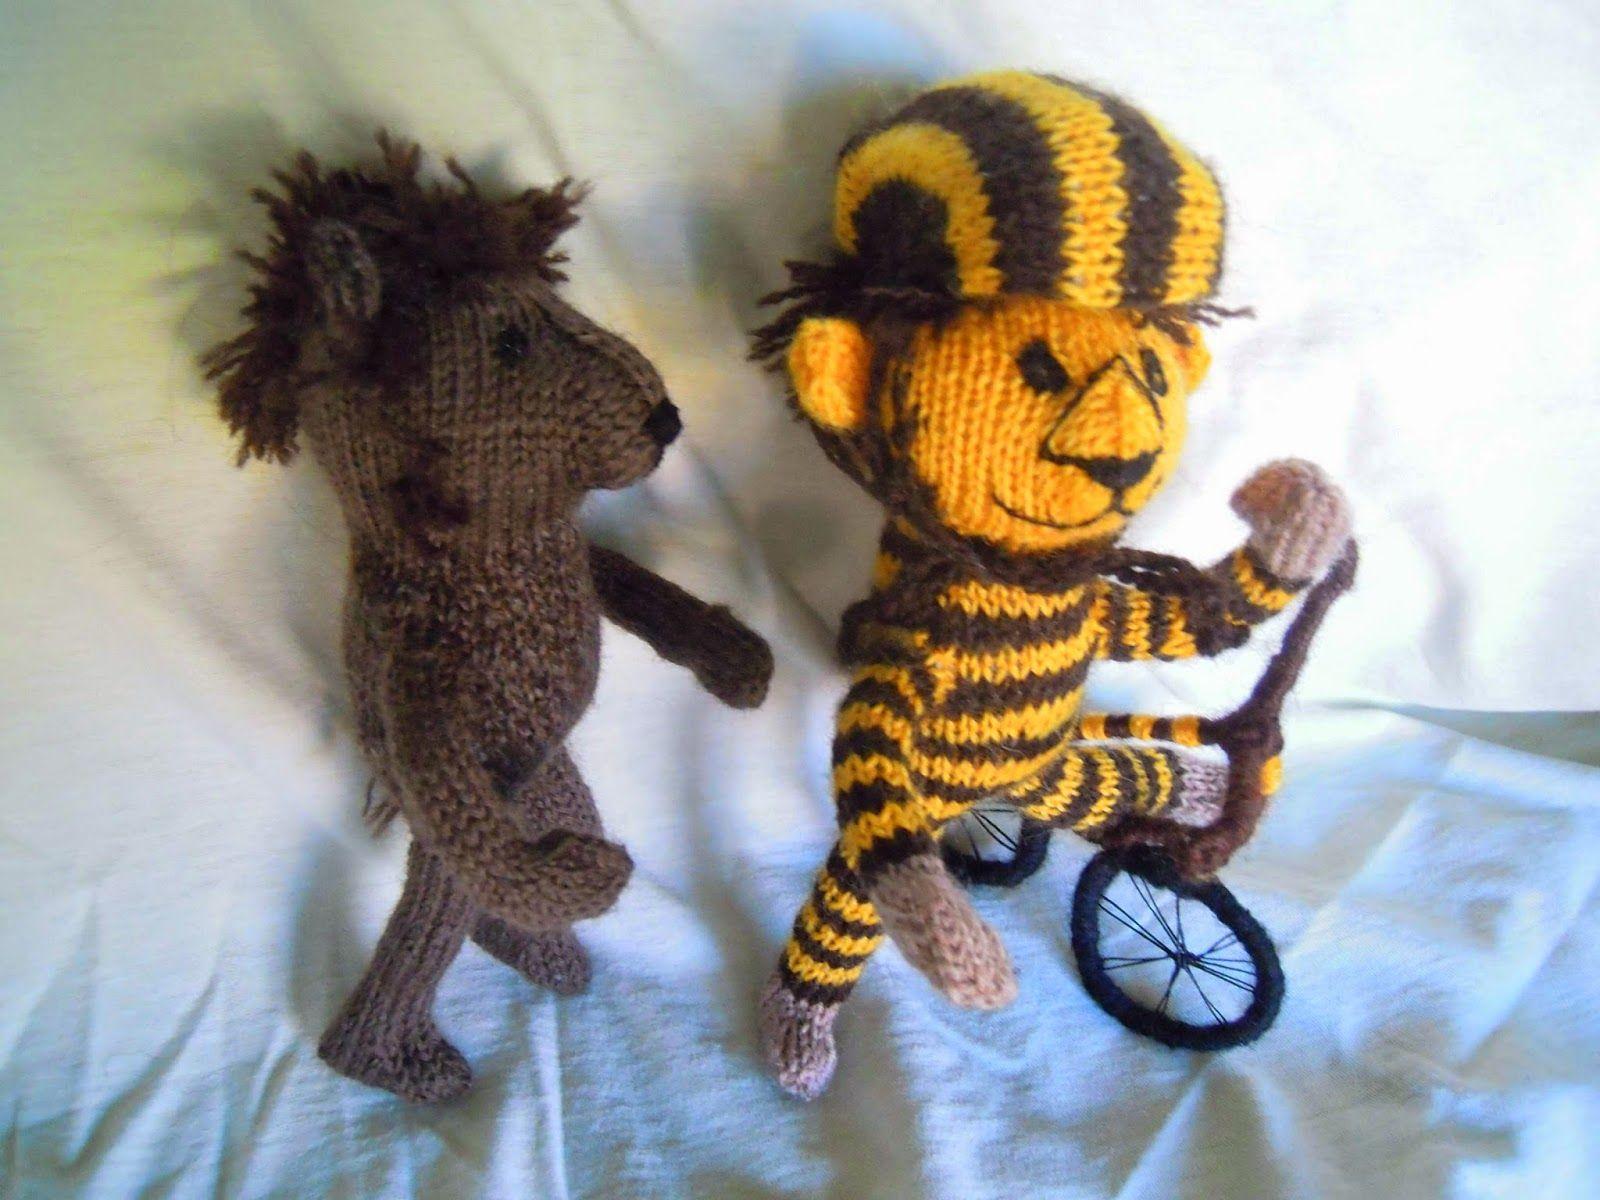 Wollfadengeschöpfe: Kleiner Tiger, kleiner Bär und Maja-Papaya mit ...